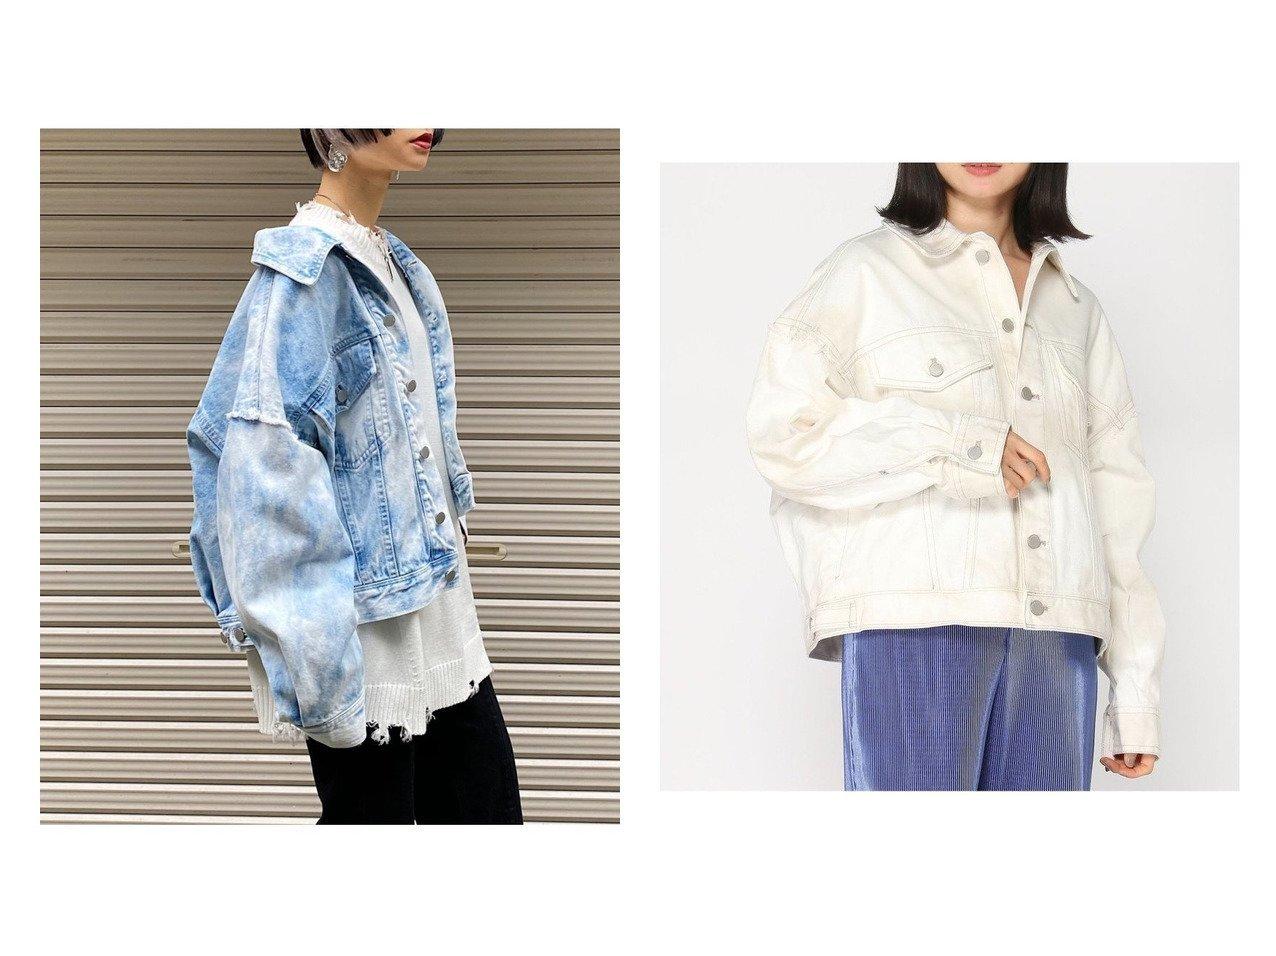 【PAGEBOY/ページボーイ】のアシッドデニムGジャン アウターのおすすめ!人気、トレンド・レディースファッションの通販 おすすめで人気の流行・トレンド、ファッションの通販商品 メンズファッション・キッズファッション・インテリア・家具・レディースファッション・服の通販 founy(ファニー) https://founy.com/ ファッション Fashion レディースファッション WOMEN アウター Coat Outerwear コート Coats ジャケット Jackets デニムジャケット Denim Jackets NEW・新作・新着・新入荷 New Arrivals ジャケット セットアップ デニム トレンド ブリーチ ランダム |ID:crp329100000024036